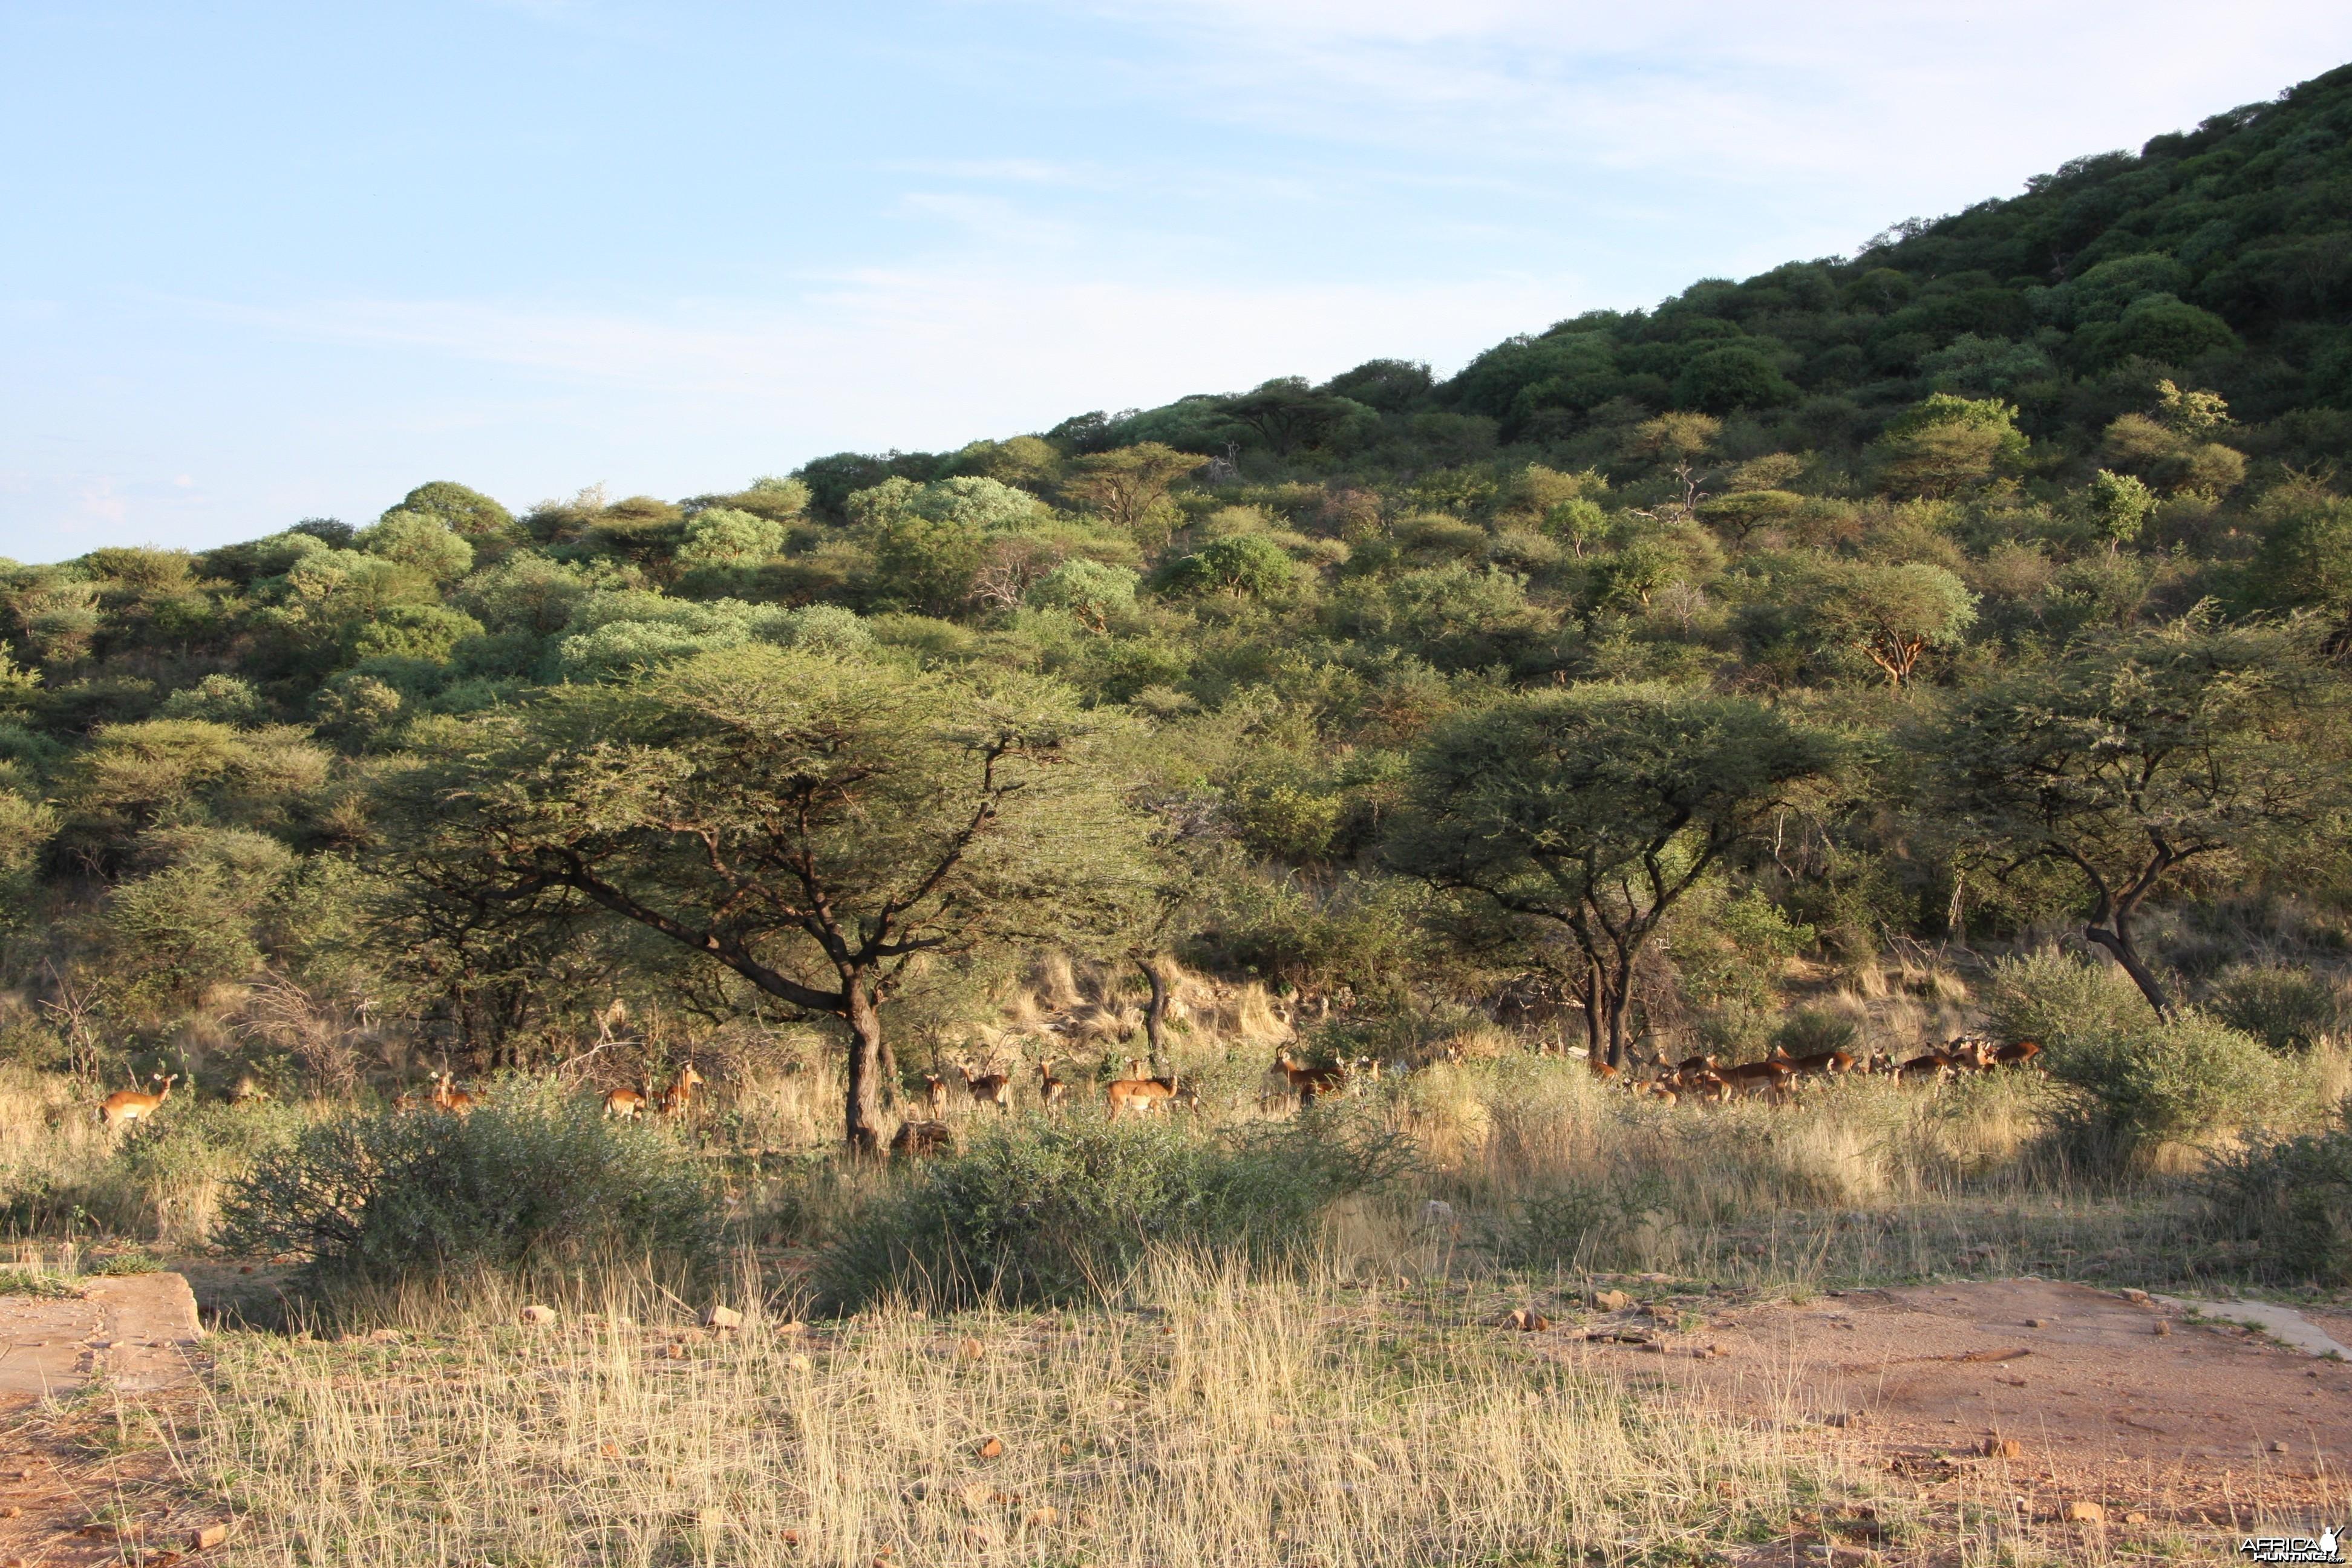 Impala Namibia